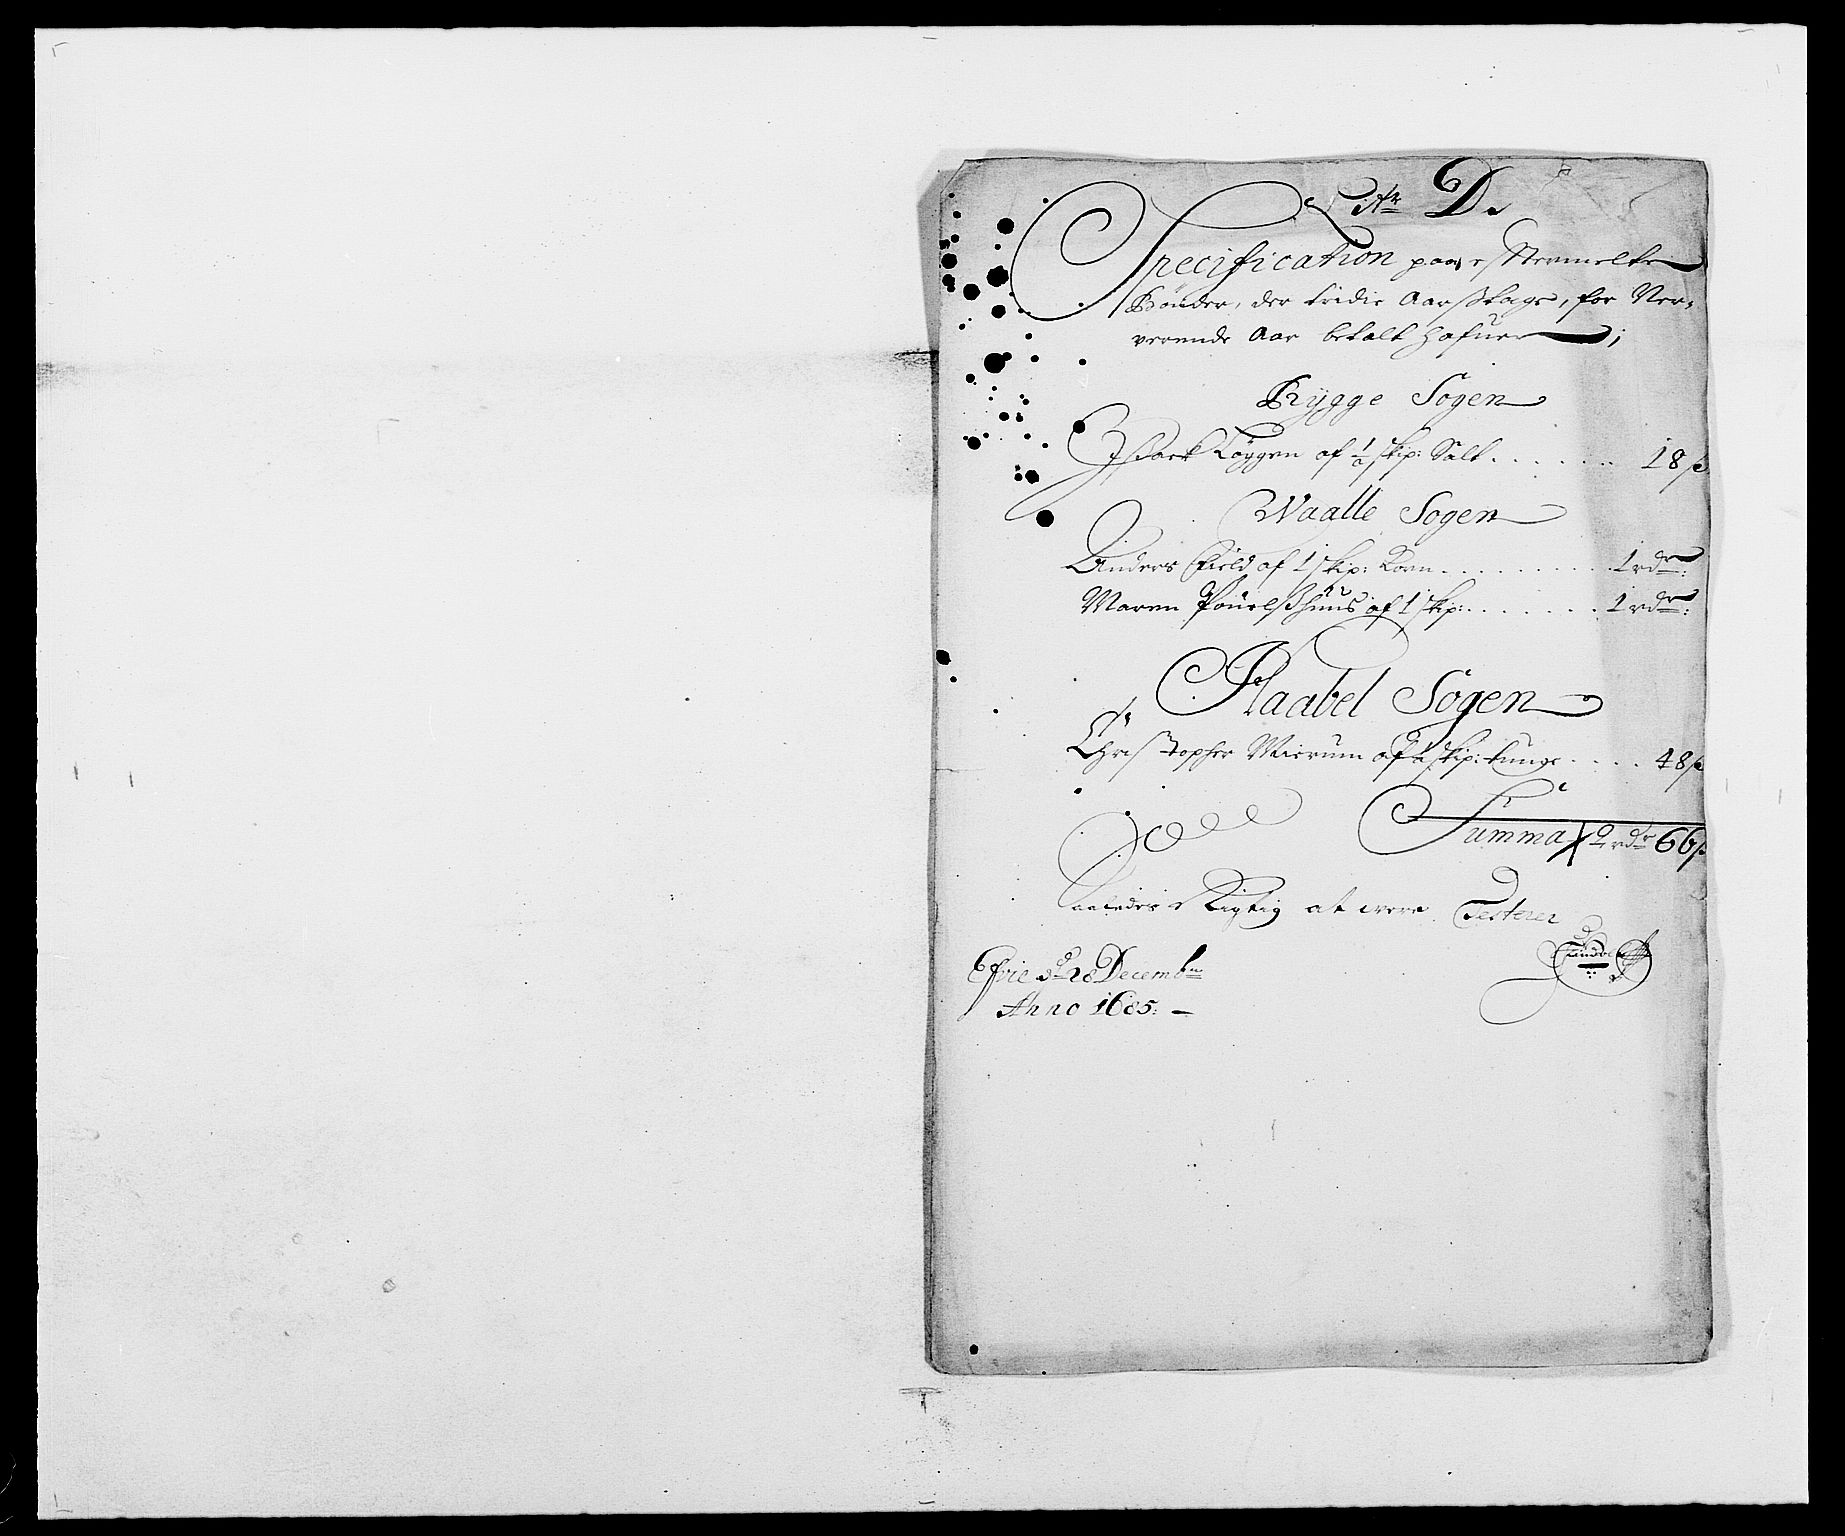 RA, Rentekammeret inntil 1814, Reviderte regnskaper, Fogderegnskap, R02/L0105: Fogderegnskap Moss og Verne kloster, 1685-1687, s. 59